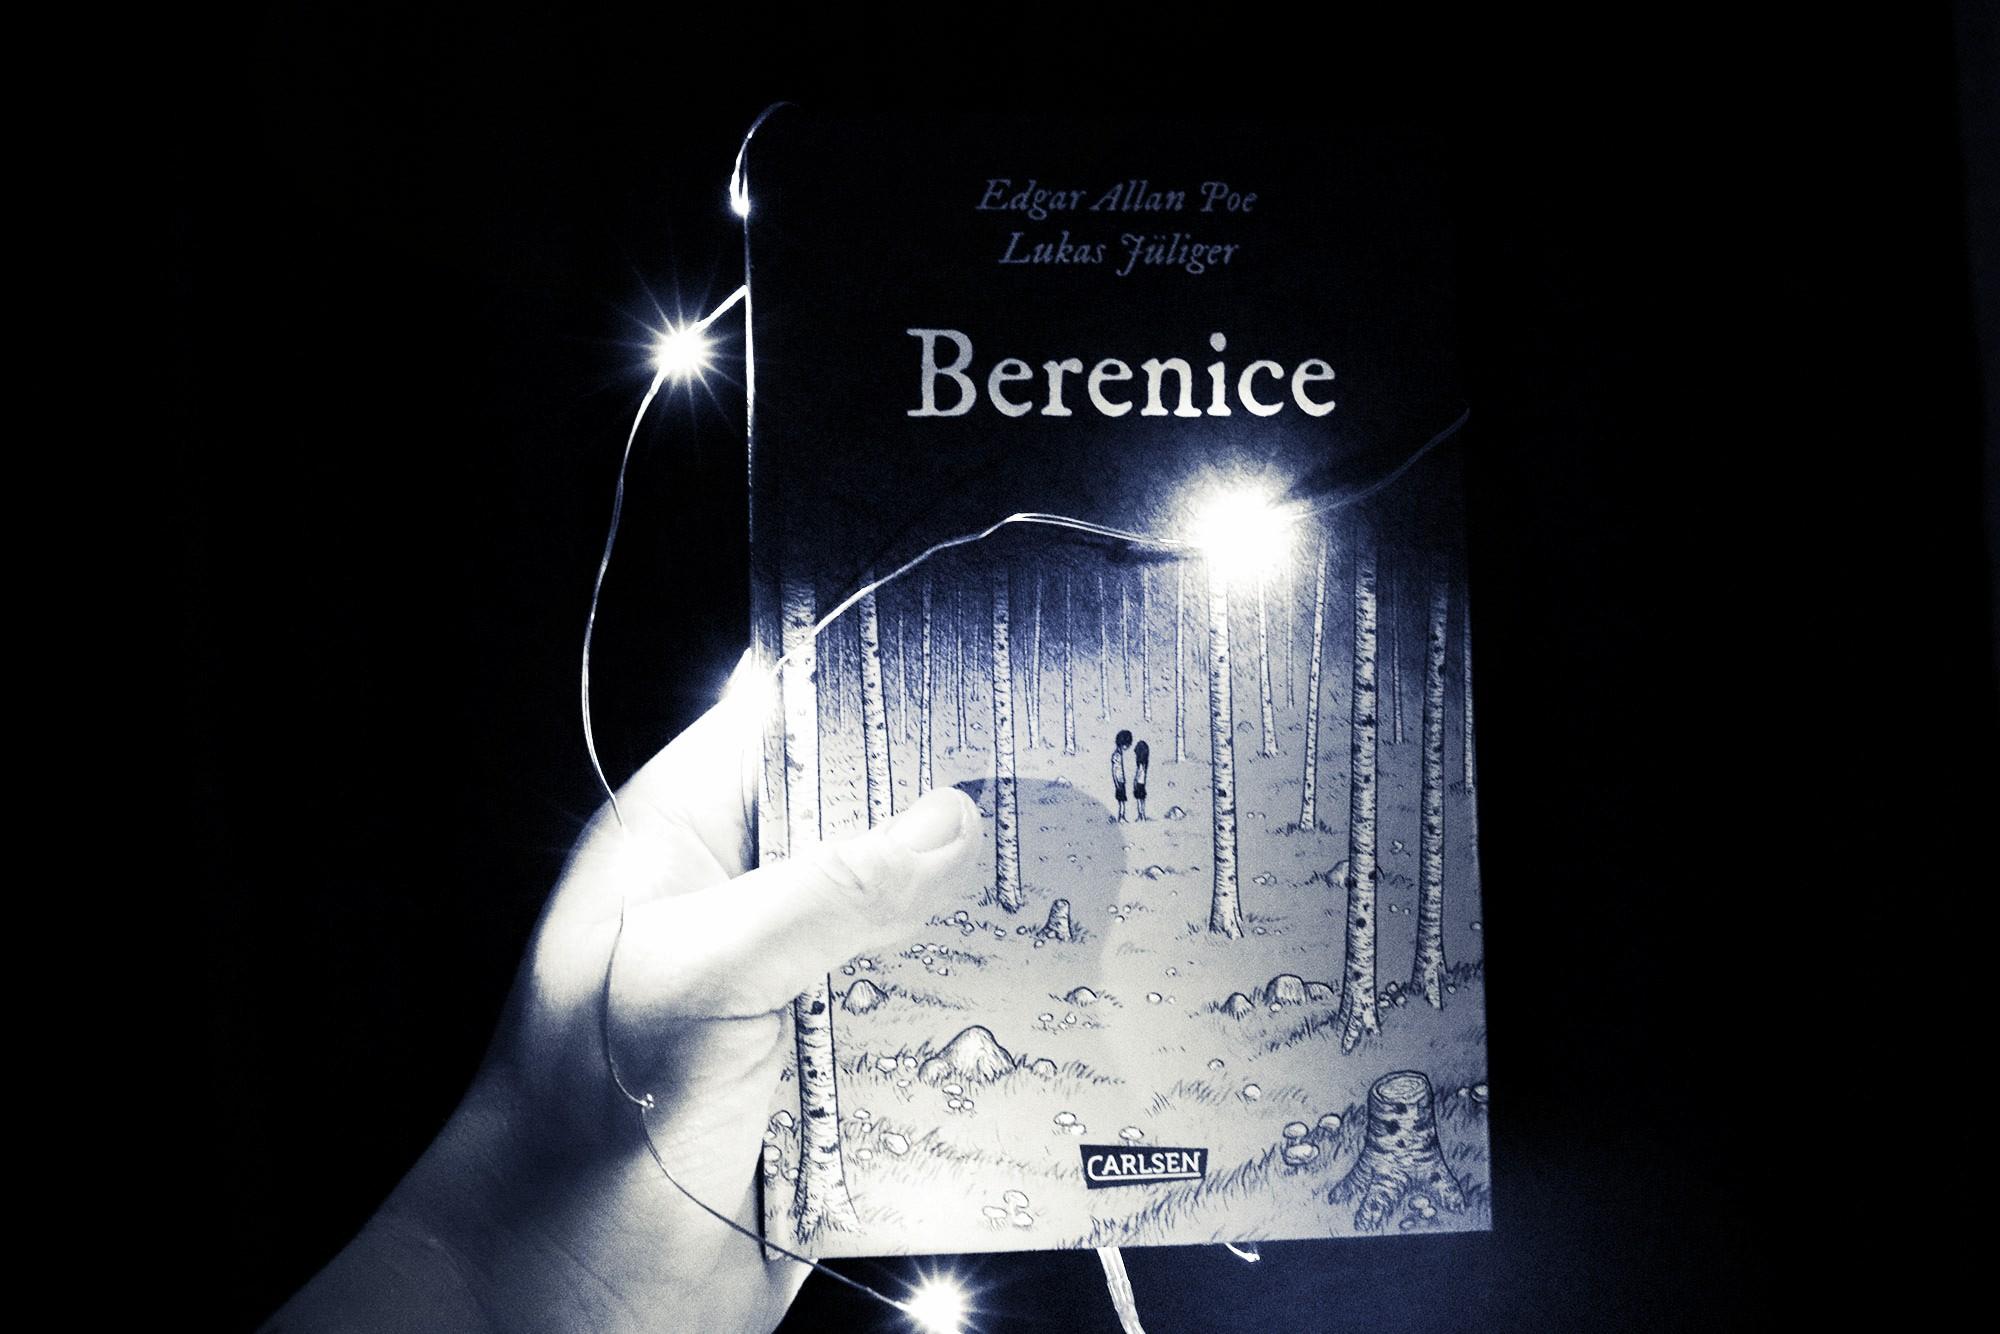 [Minirezensionen] Berenice || Die schreckliche deutsche Sprache